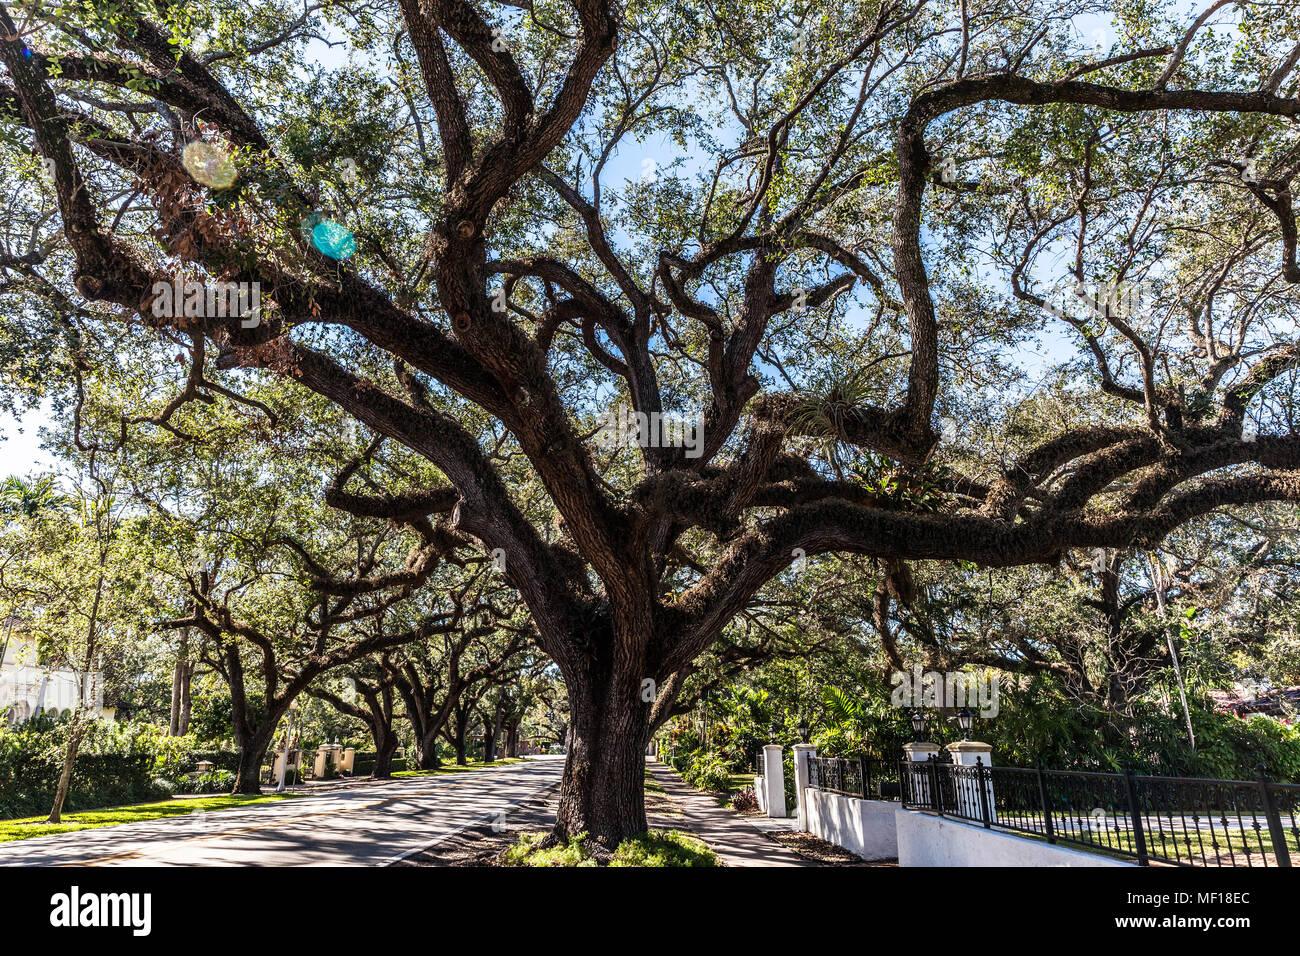 Oak trees along Coral Way, Coral Gable, Miami-Dade County, Florida, USA. Stock Photo